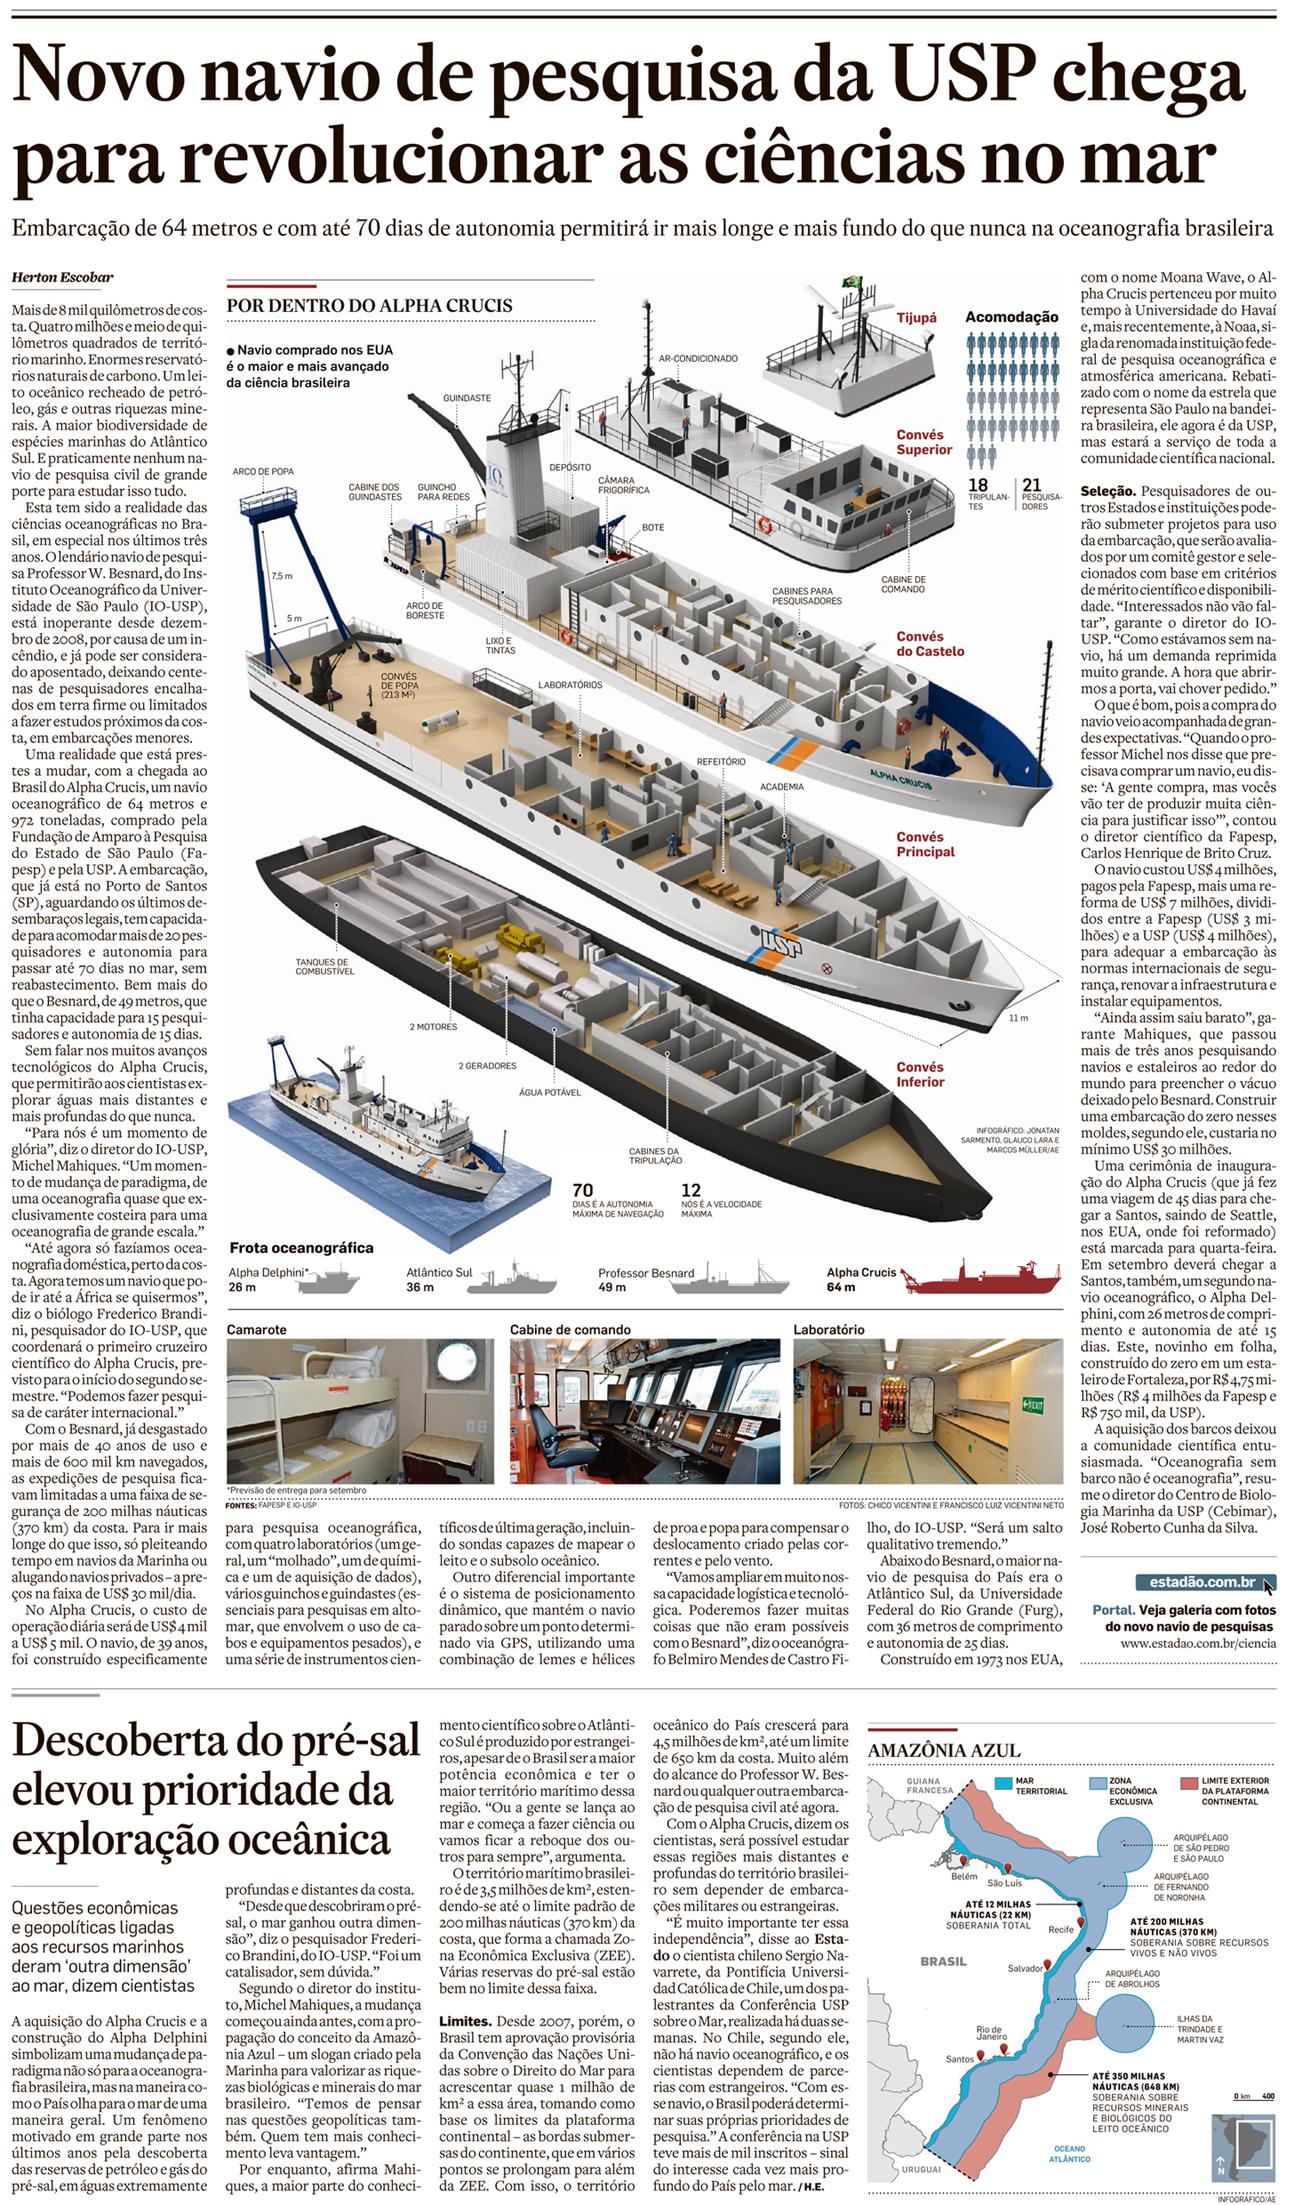 Novo navio de pesquisa da USP chega para revolucionar as ciências no mar